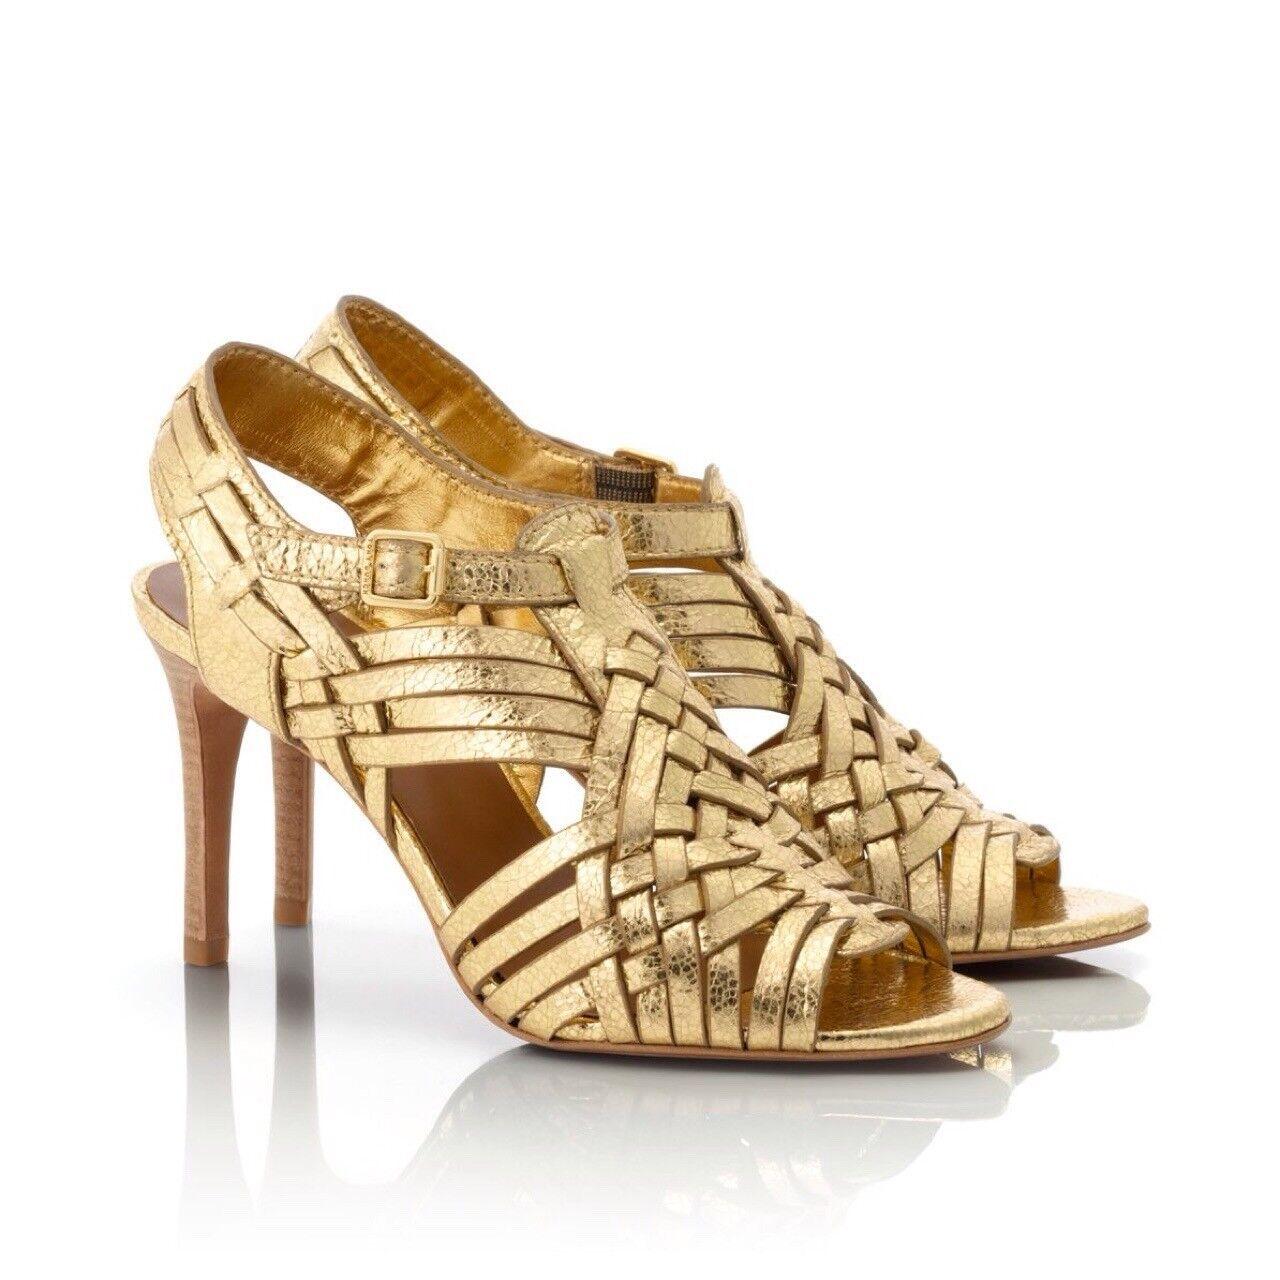 Miglior prezzo Tory Burch Nadia Metallic oro oro oro Leather High Heel Sandals, Dimensione 6.5  presa